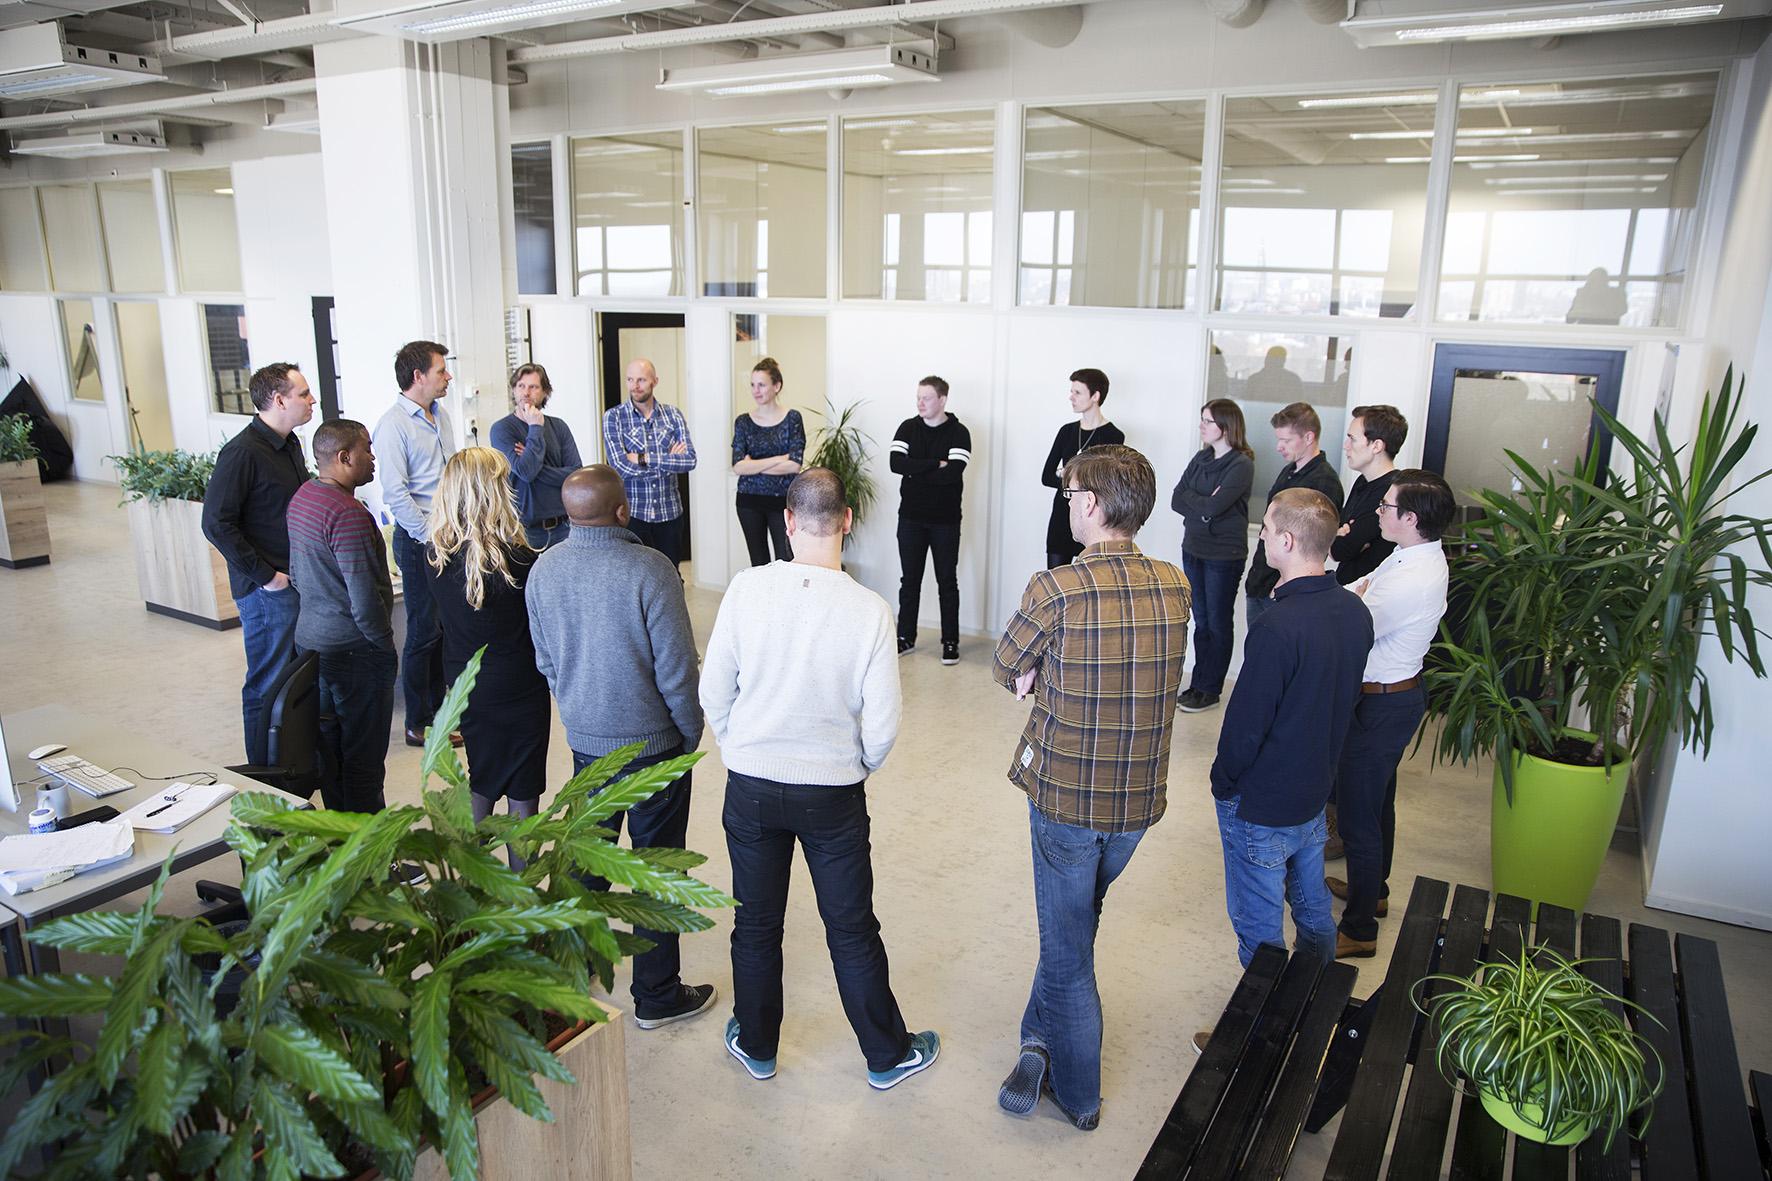 Medewerkers in de standup deel van de agile werkwijze